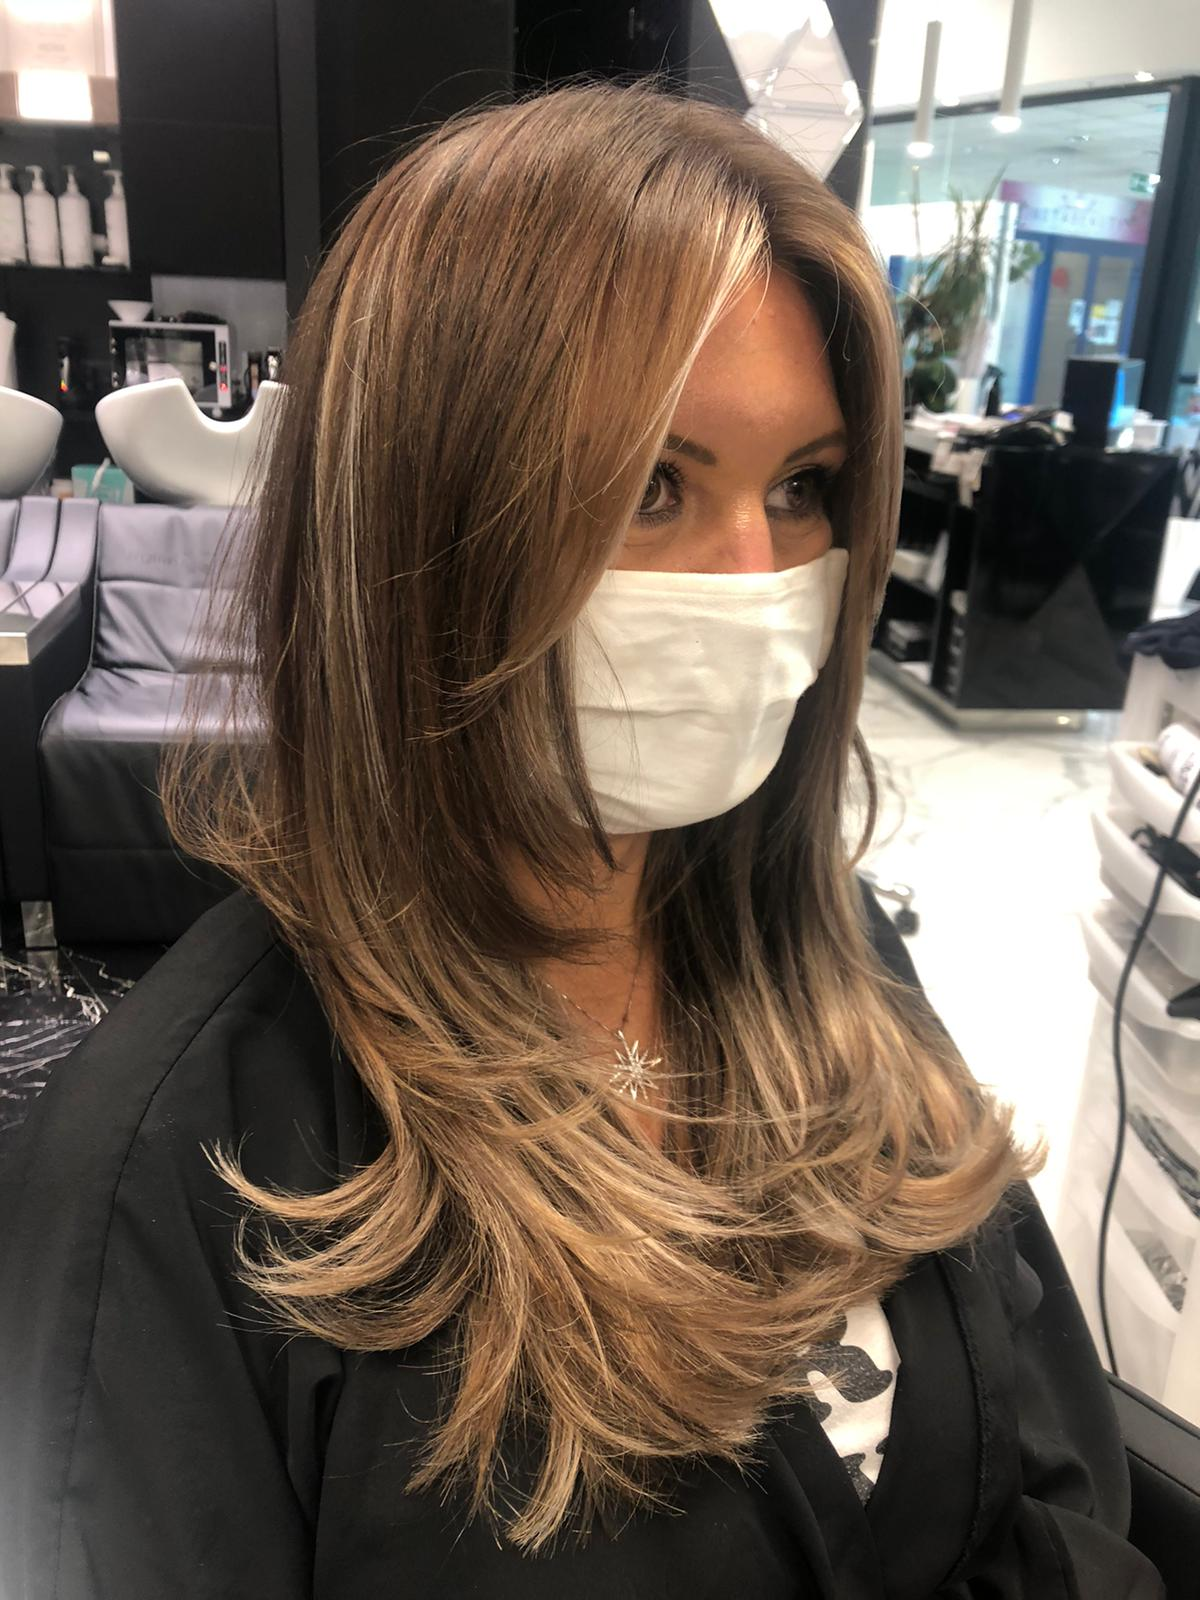 TAGLIATI X IL SUCCESSO, una garanzia per i tuoi capelli. Affidati a professionisti!